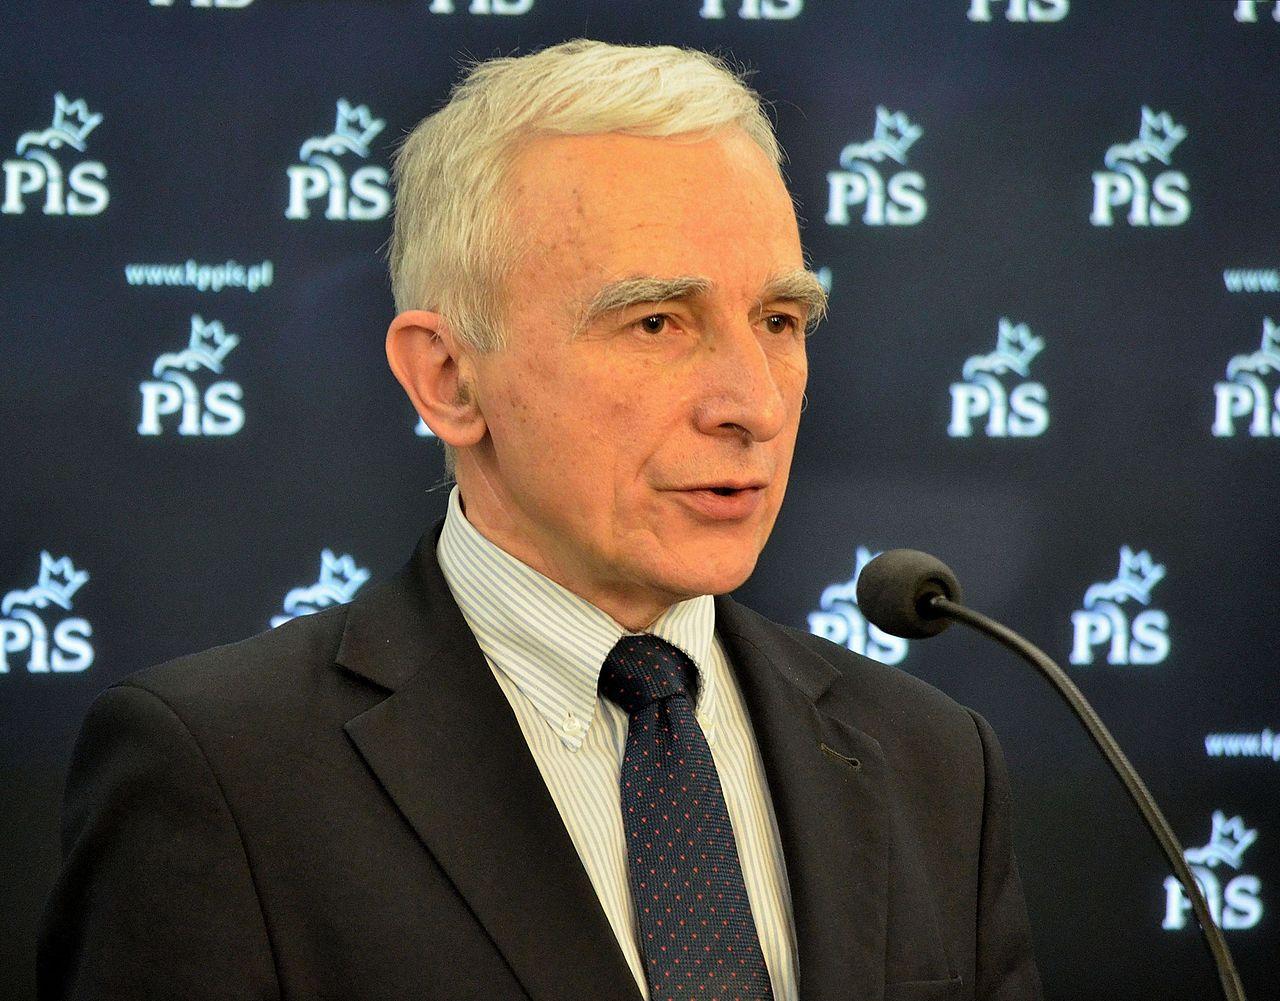 Piotr Naimski: Z końcem 2022 roku Polska uniezależni się ostatecznie od dostaw gazu z Rosji